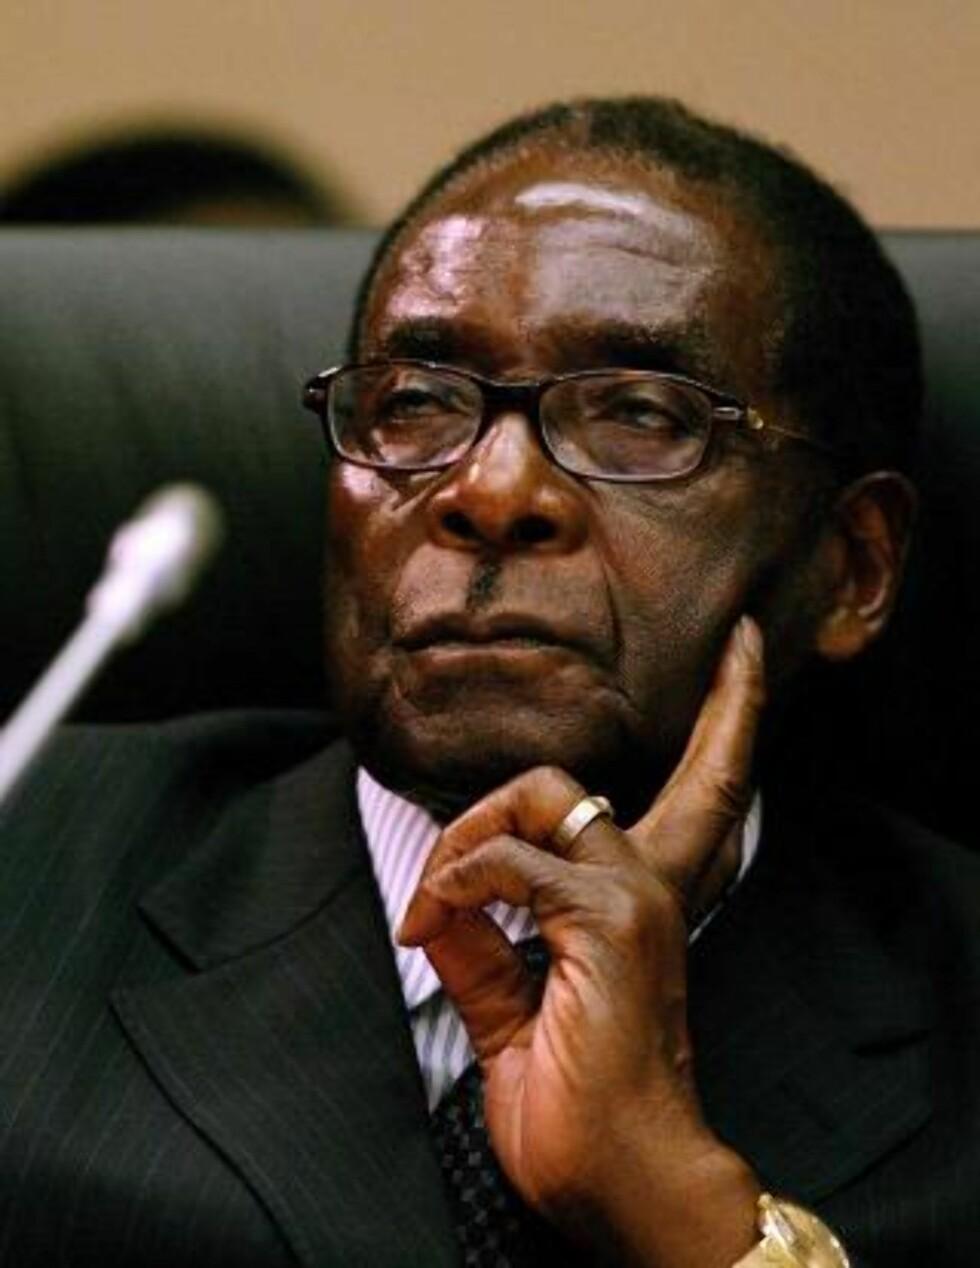 KOMMER TIL KØBENHAVN: Zimbabwes ambassade i Stockholm bekrefter at Mugabe vil reise til COP15. Foto: EPA/JON HRUSA/Scanpix